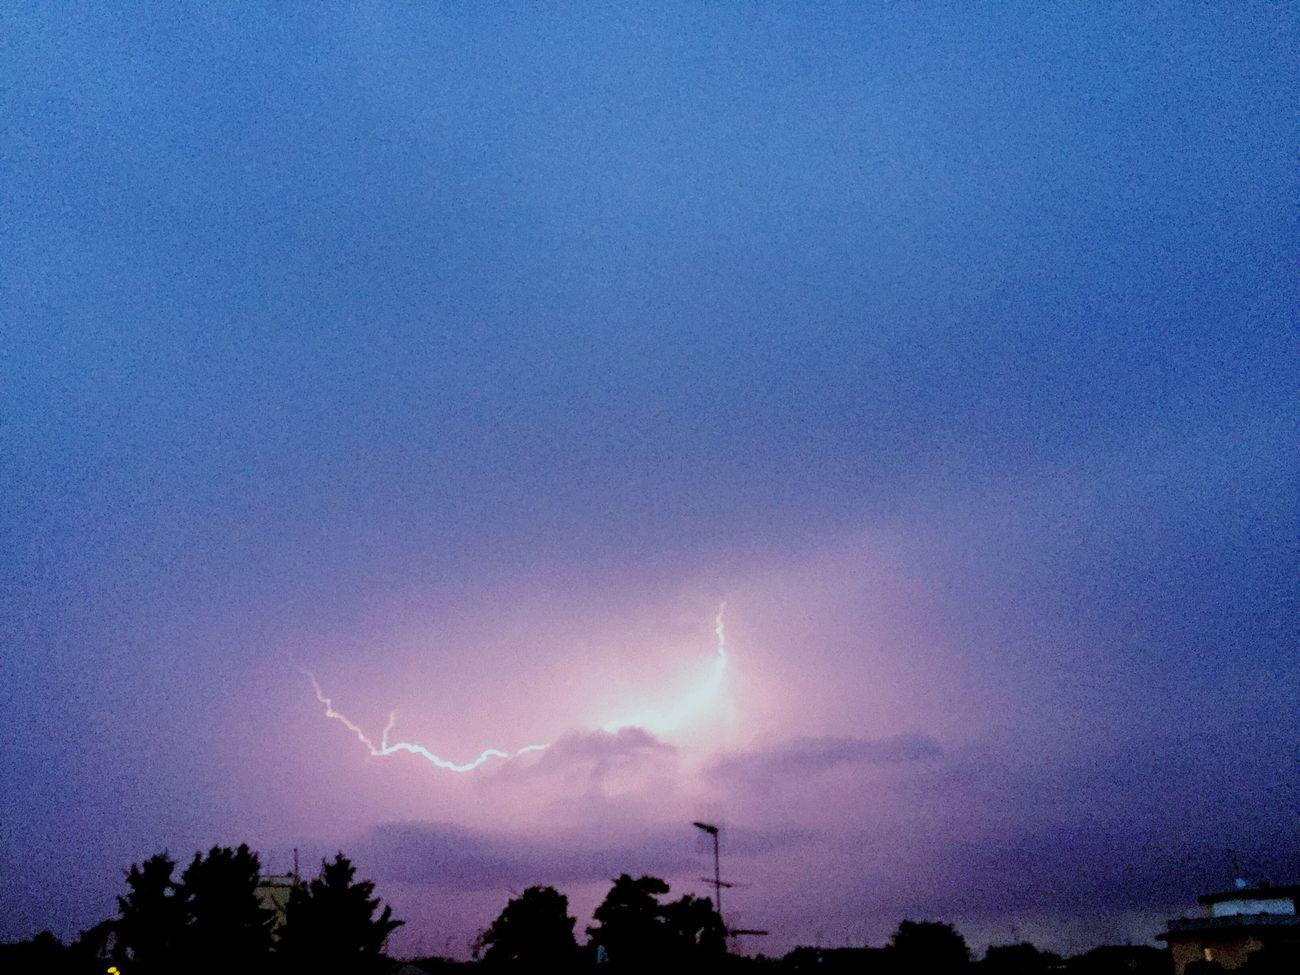 ⚡️⚡️⚡️tonight lightning storm⚡️⚡️⚡️